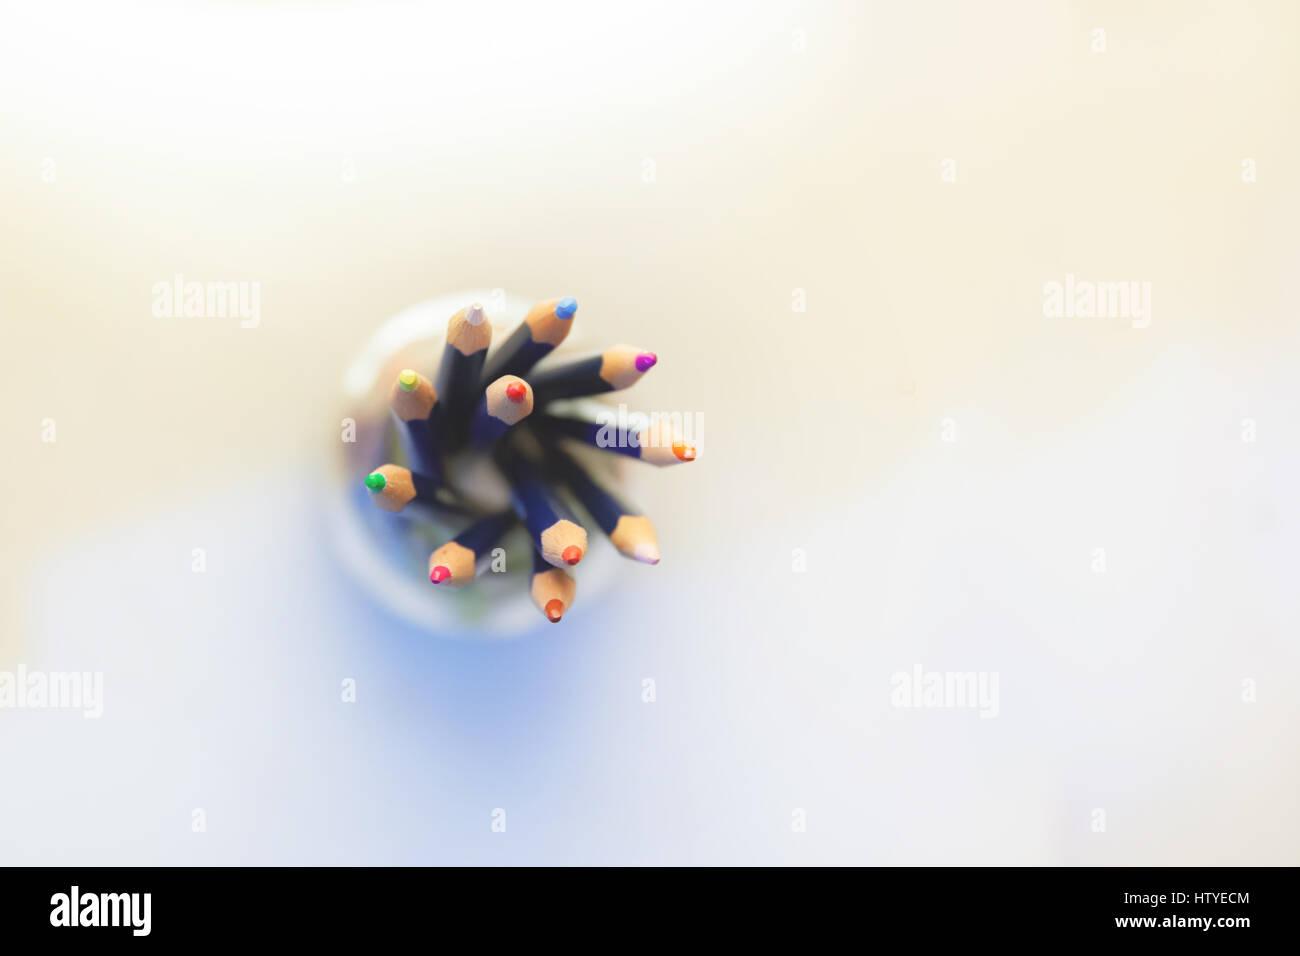 Vue de dessus des crayons multicolores dans un pot Banque D'Images